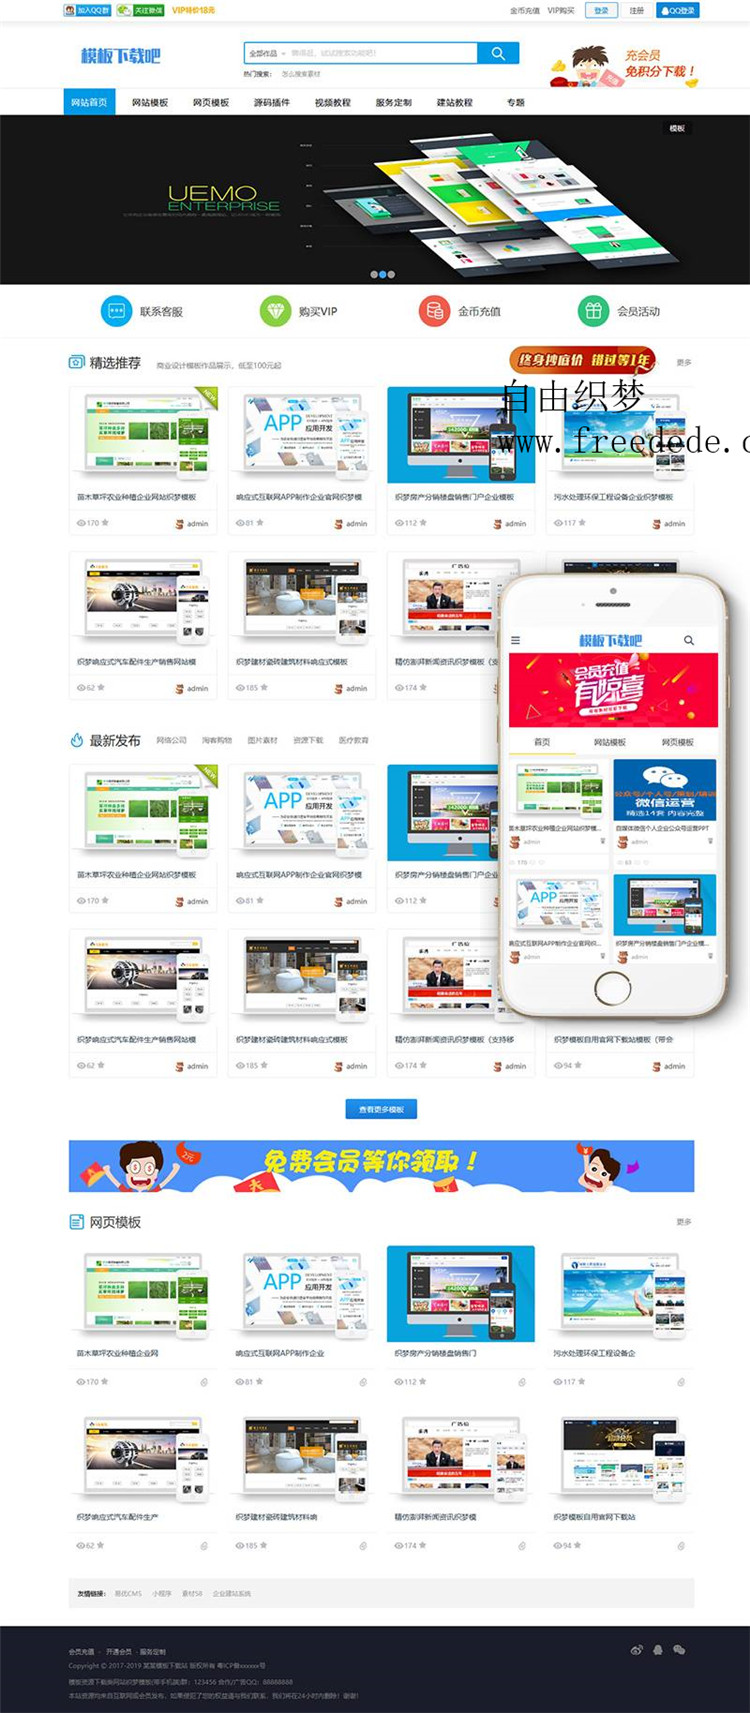 爱上源码网文章dedecms模板下载 模板资源下载类网站织梦模板(带手机端)的内容插图